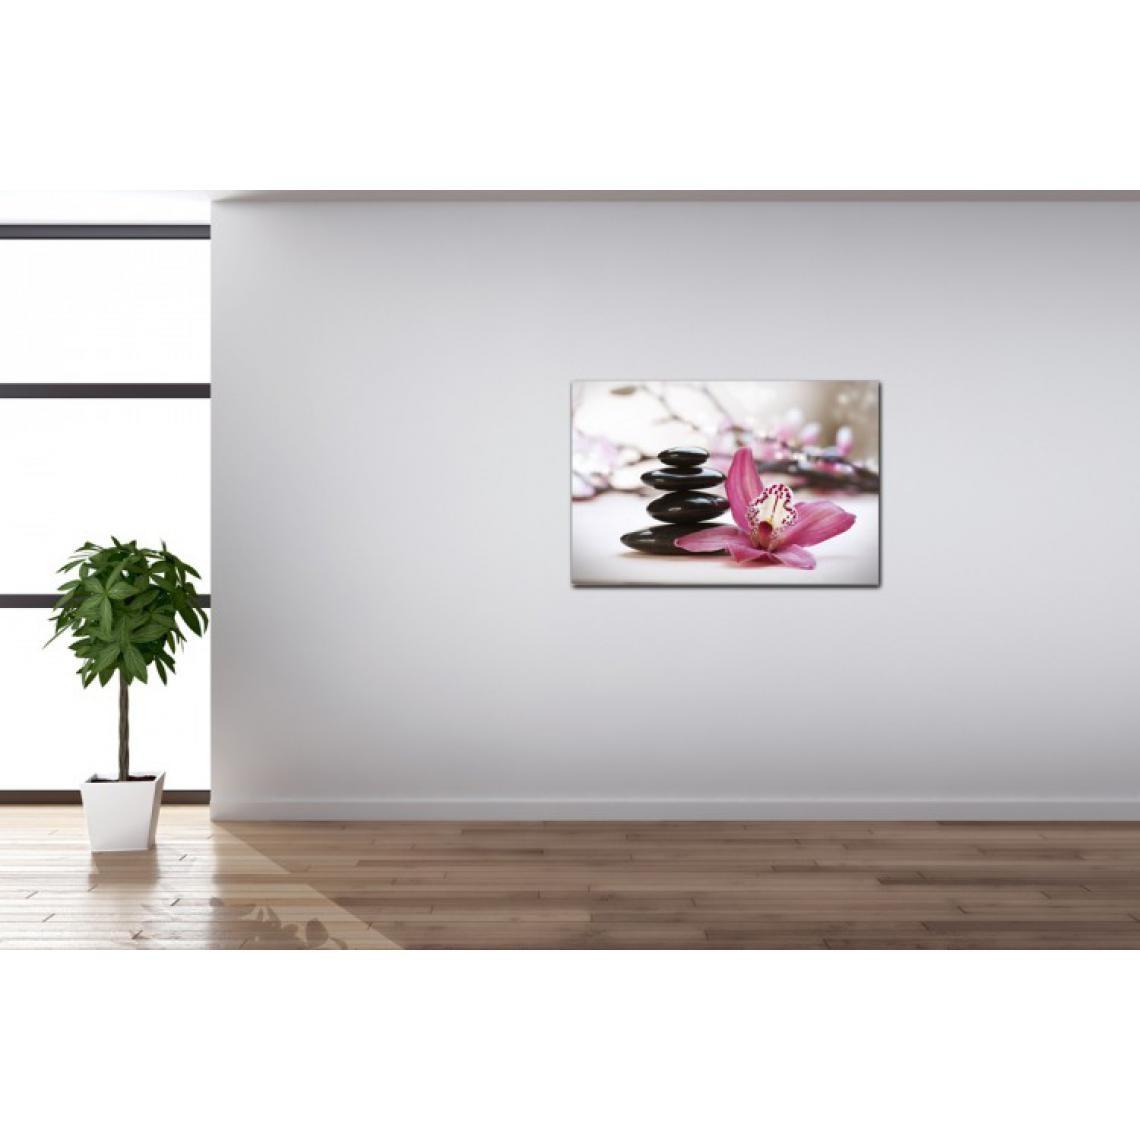 Faire Un Tableau Avec Des Galets tableau zen galets en pyramide avec fleur rose l.80 x h.55 cm alia 80x55  plus de détails